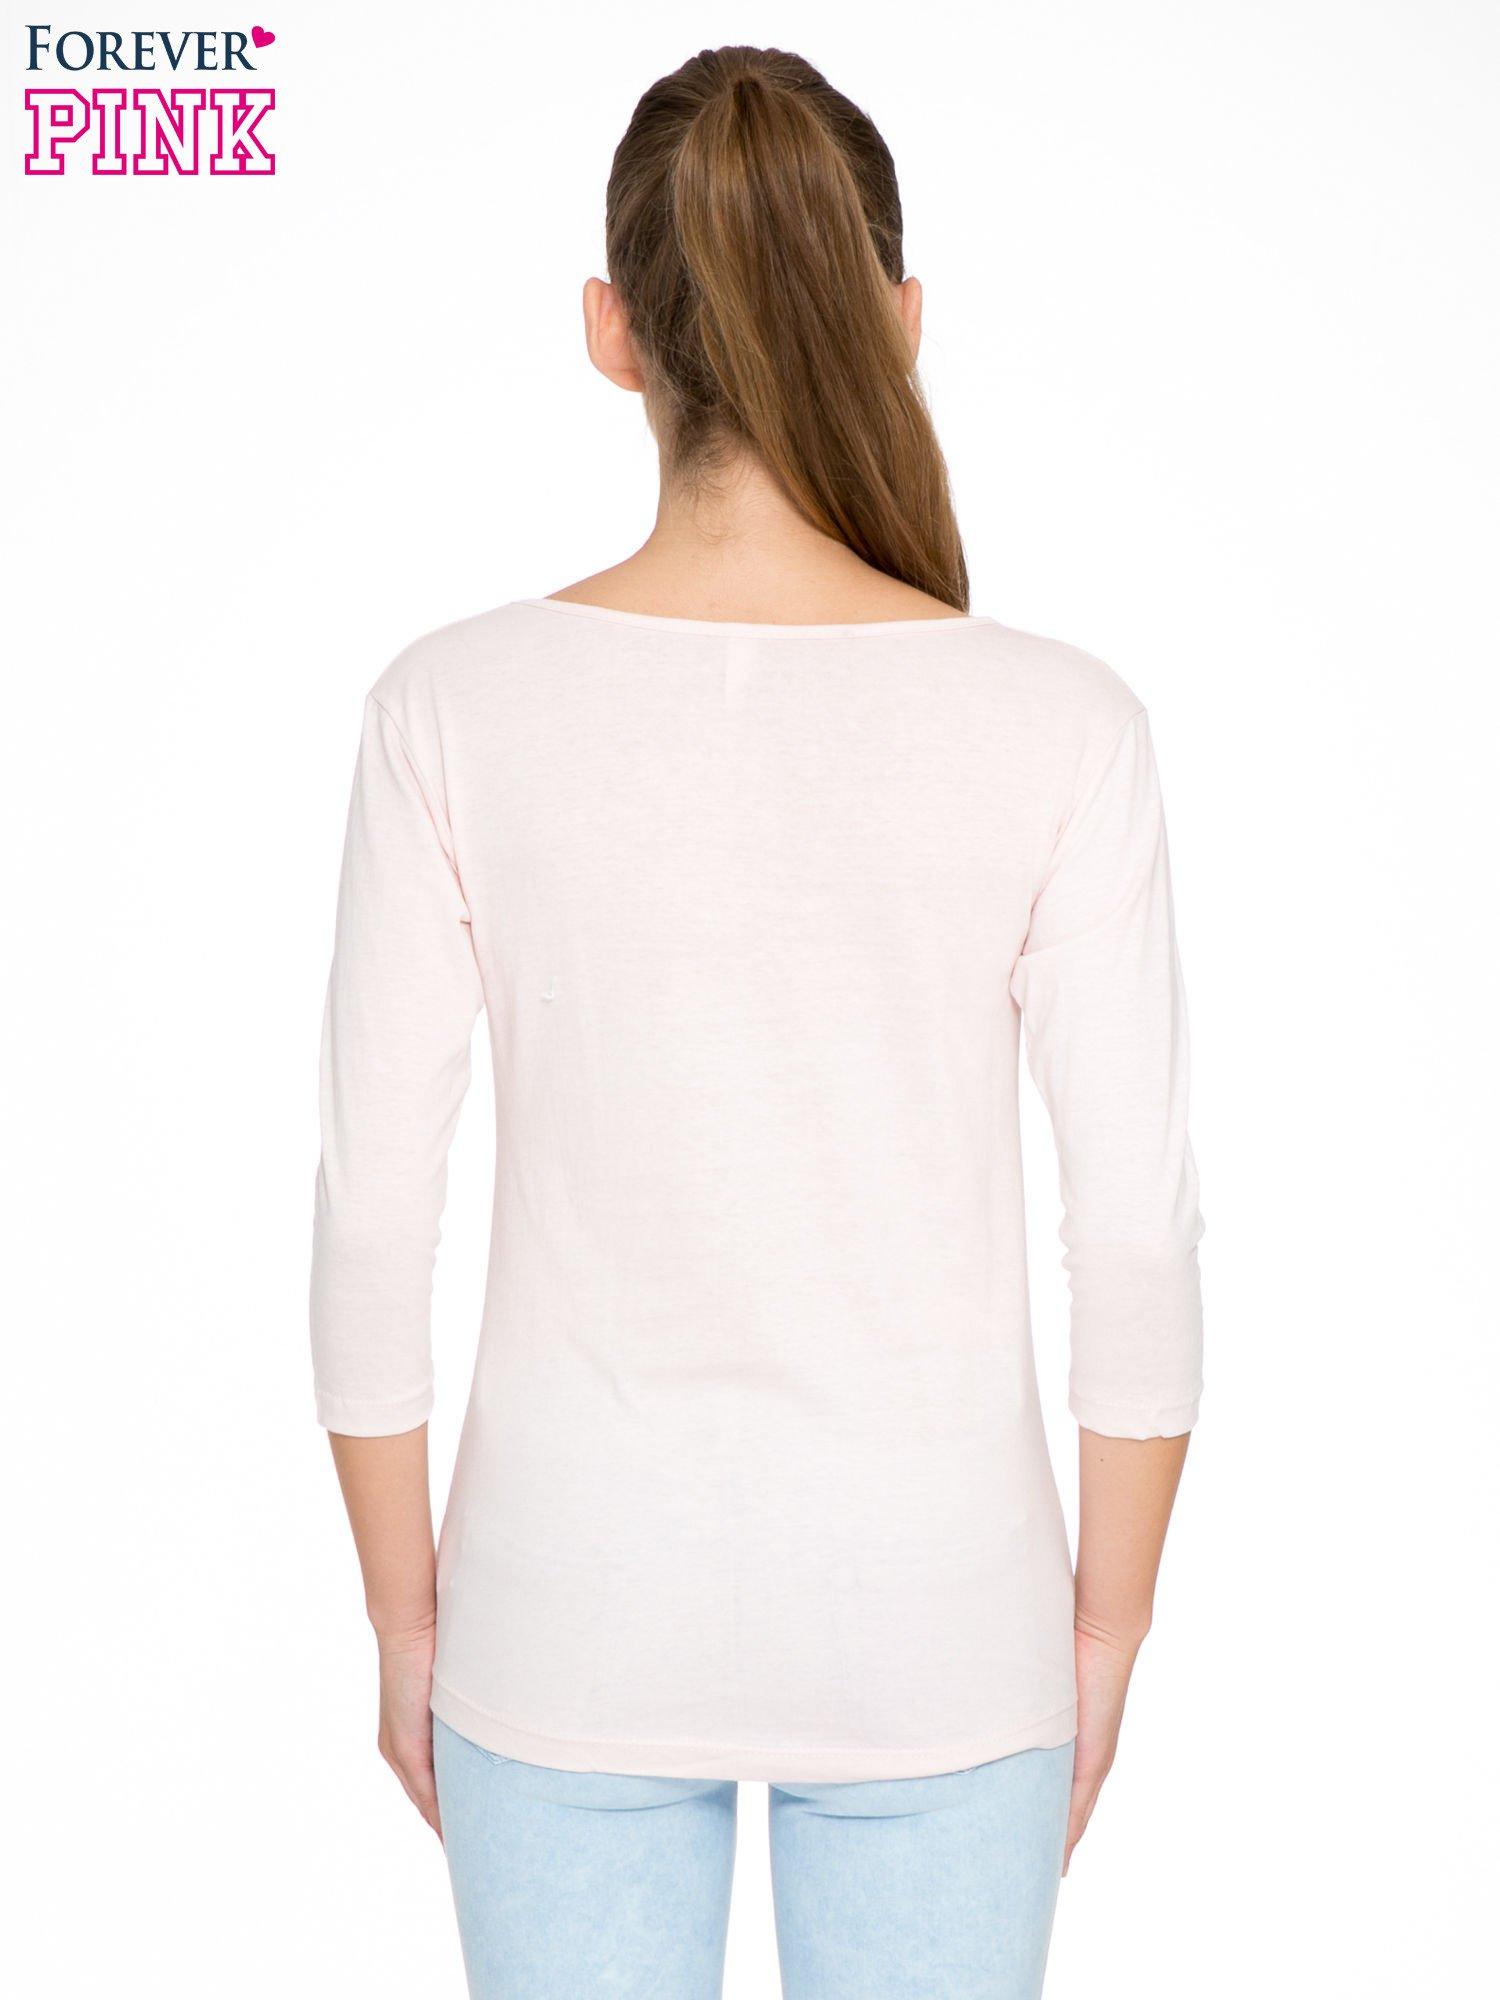 Jasnoróżowa bluzka z nadrukiem fashion i napisem MORE COLOUR                                  zdj.                                  4